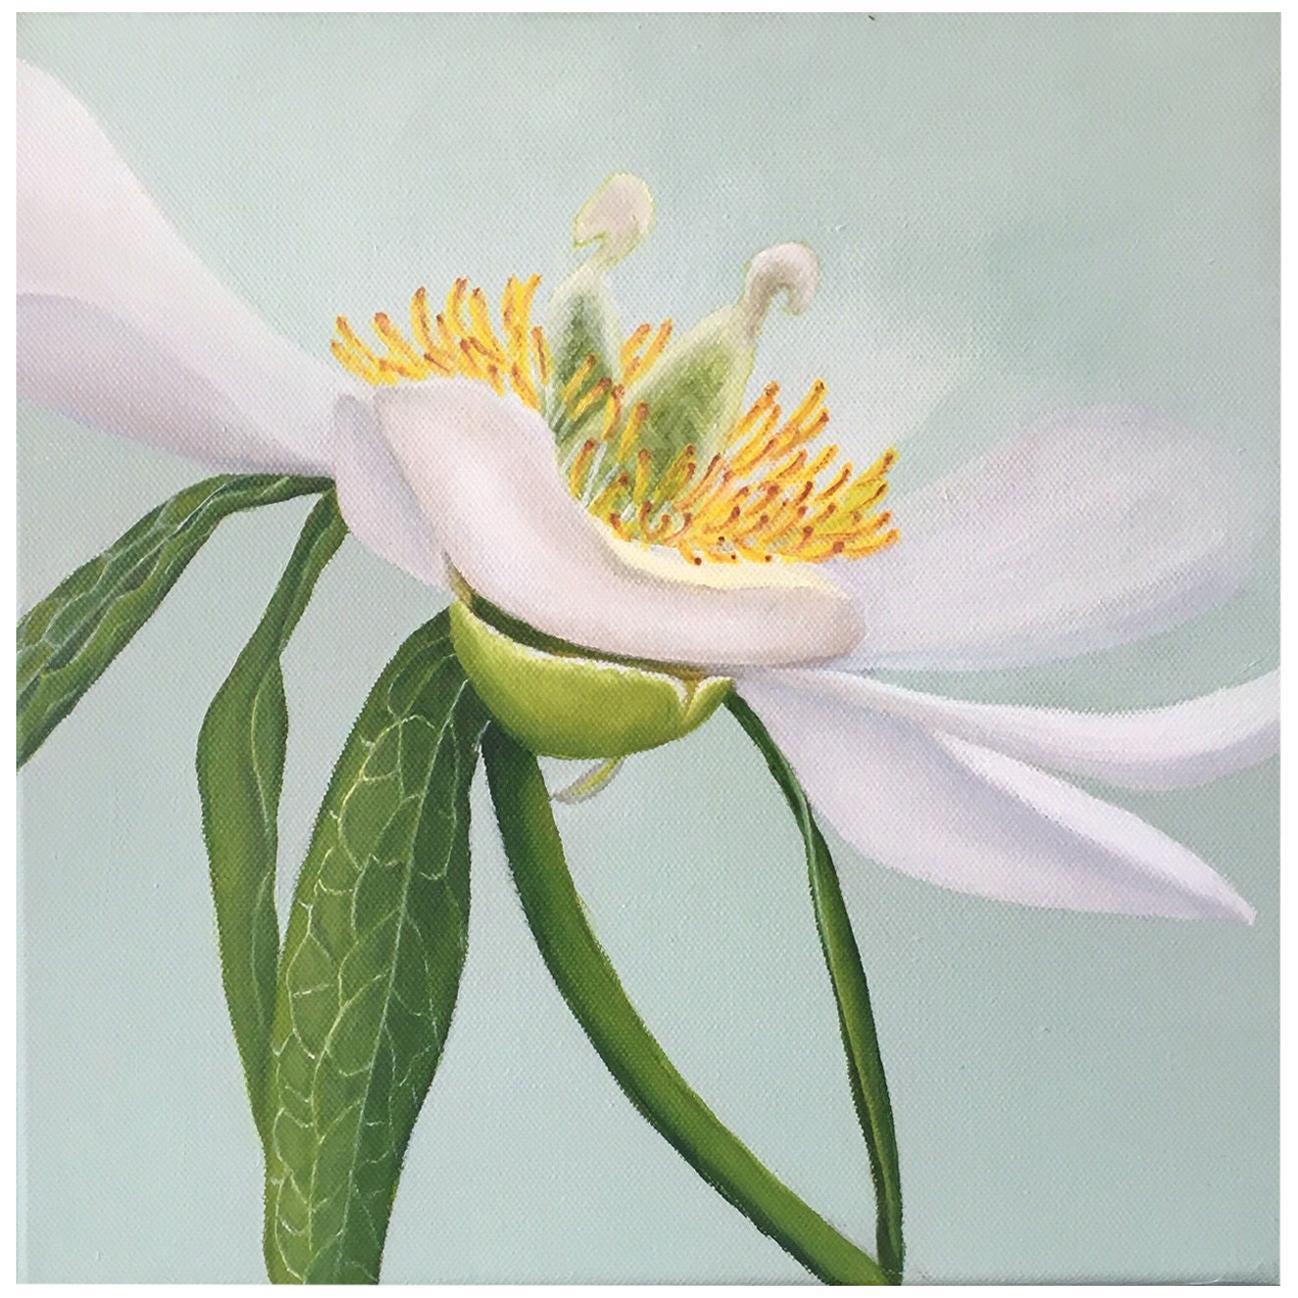 2013 Esther Hansen White Peony, Danish Painting